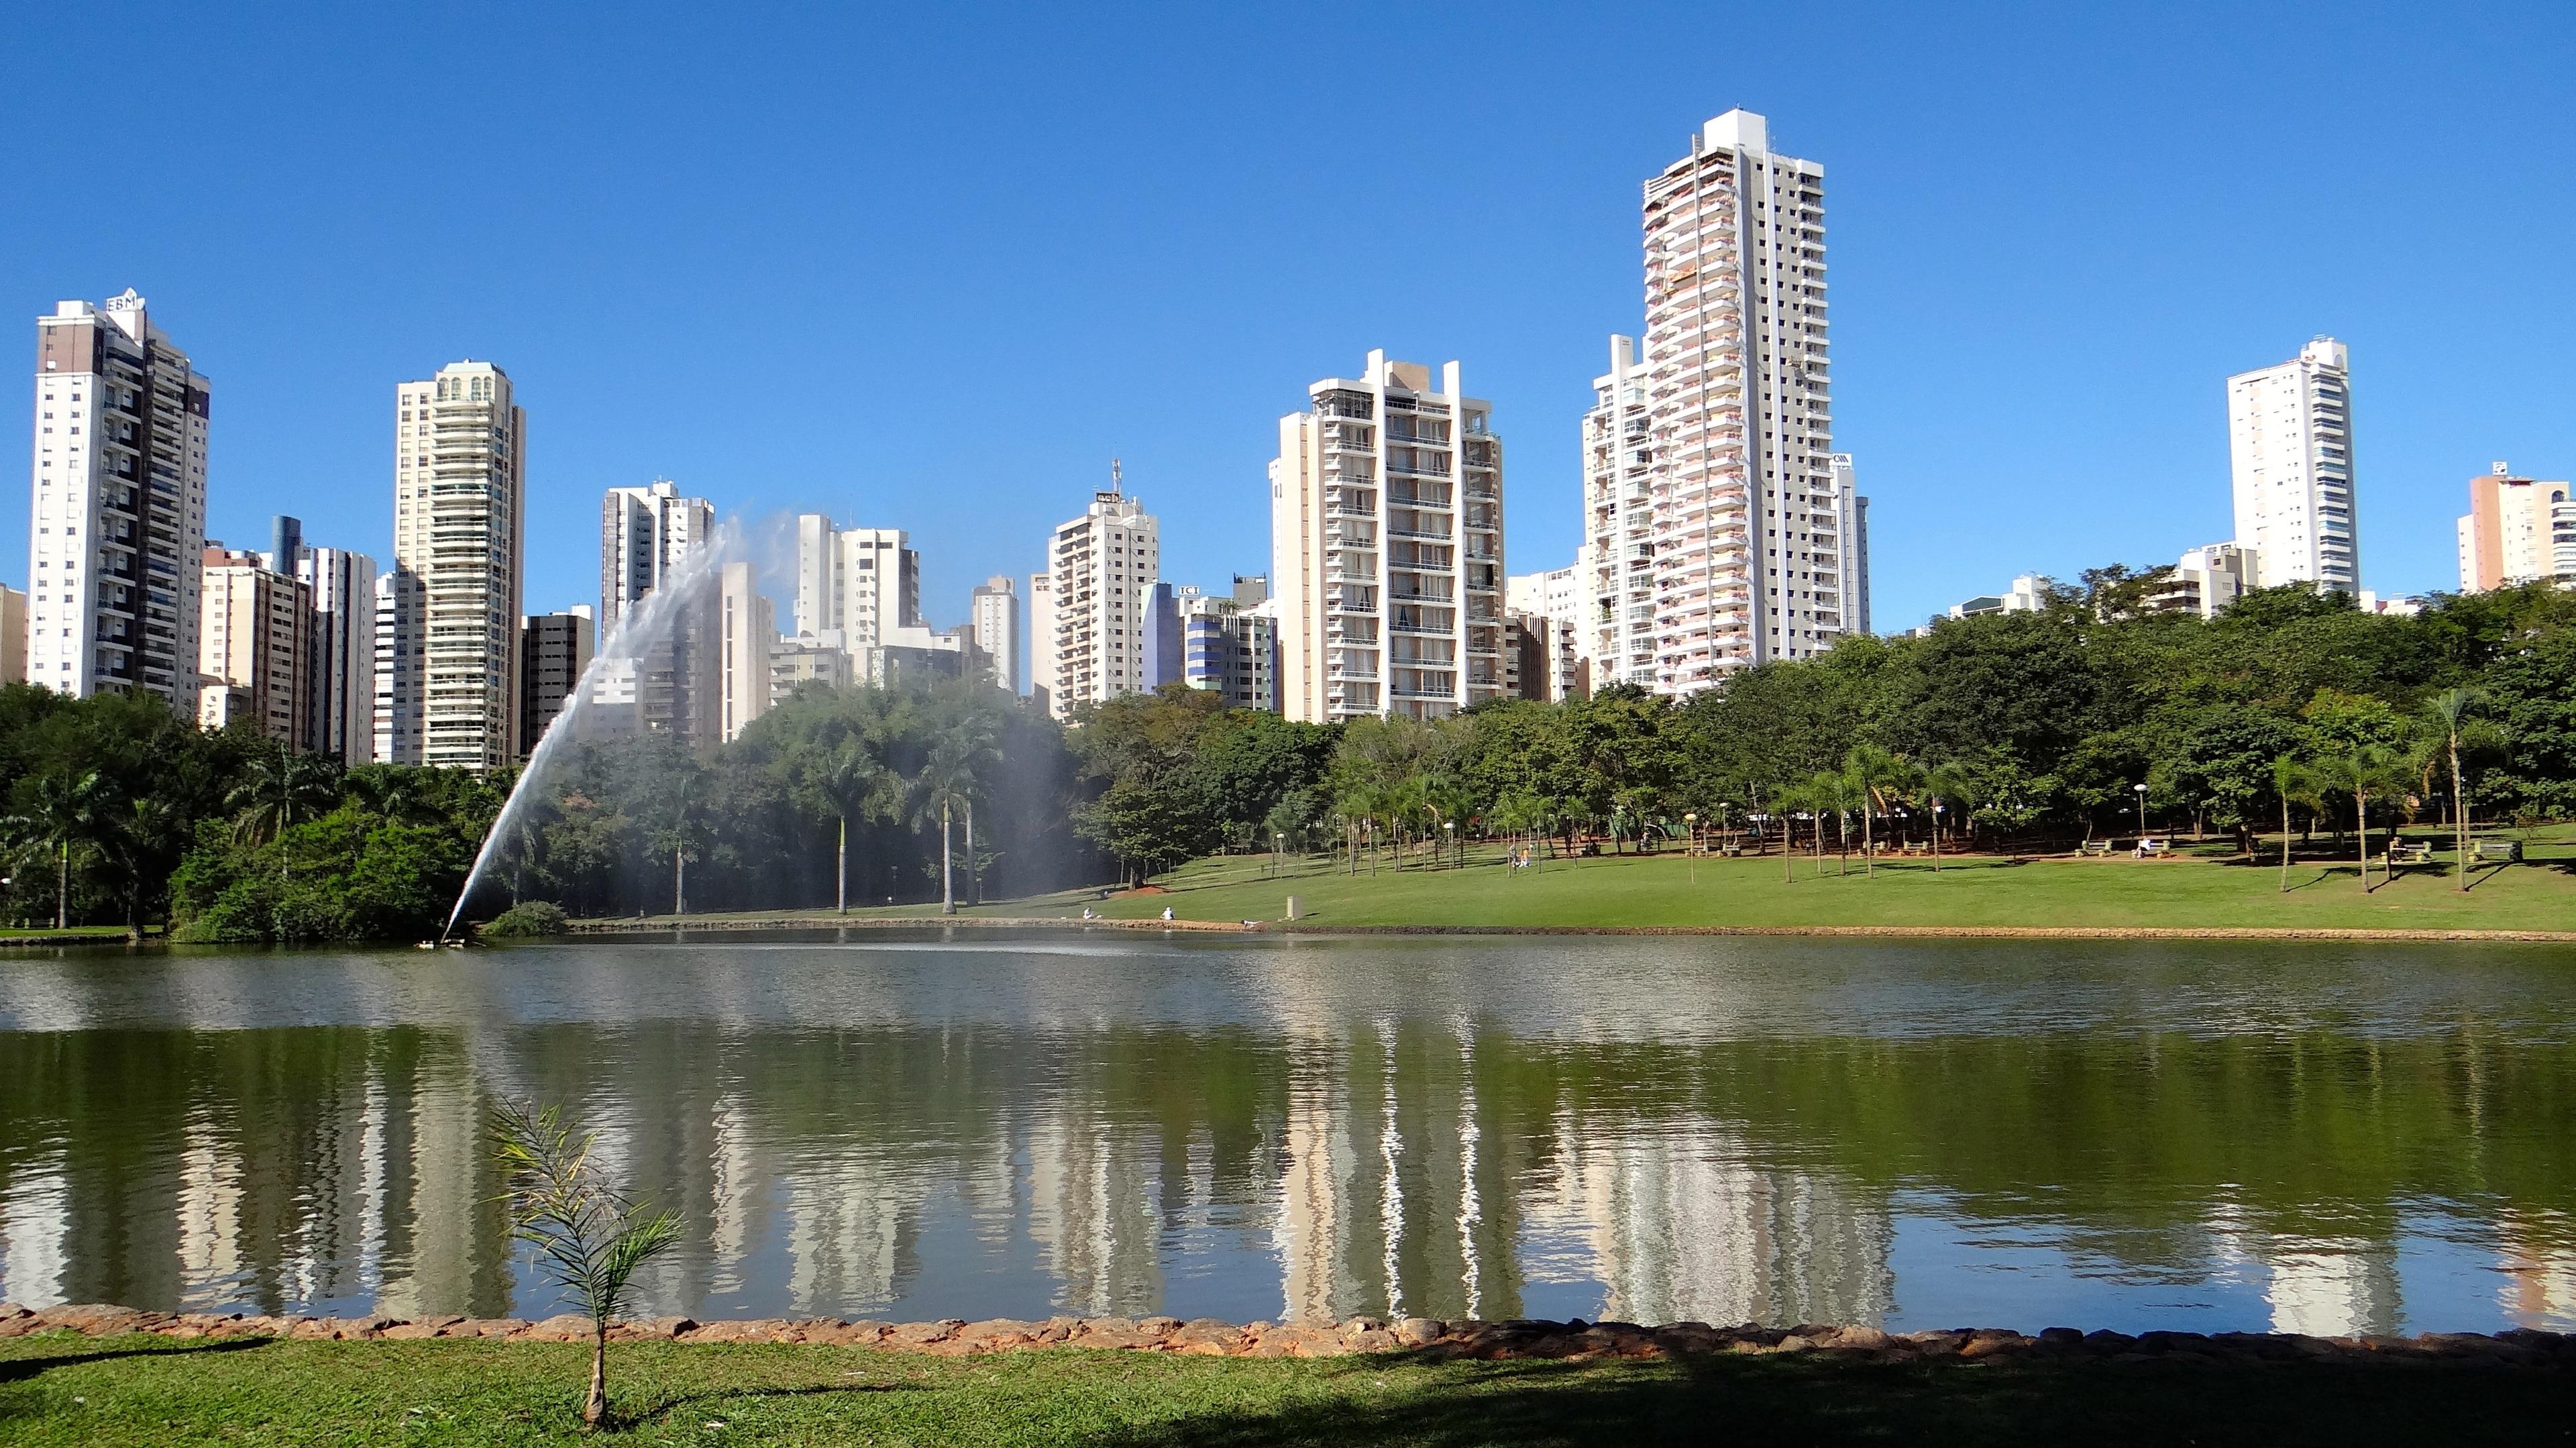 Goias State, Brazil